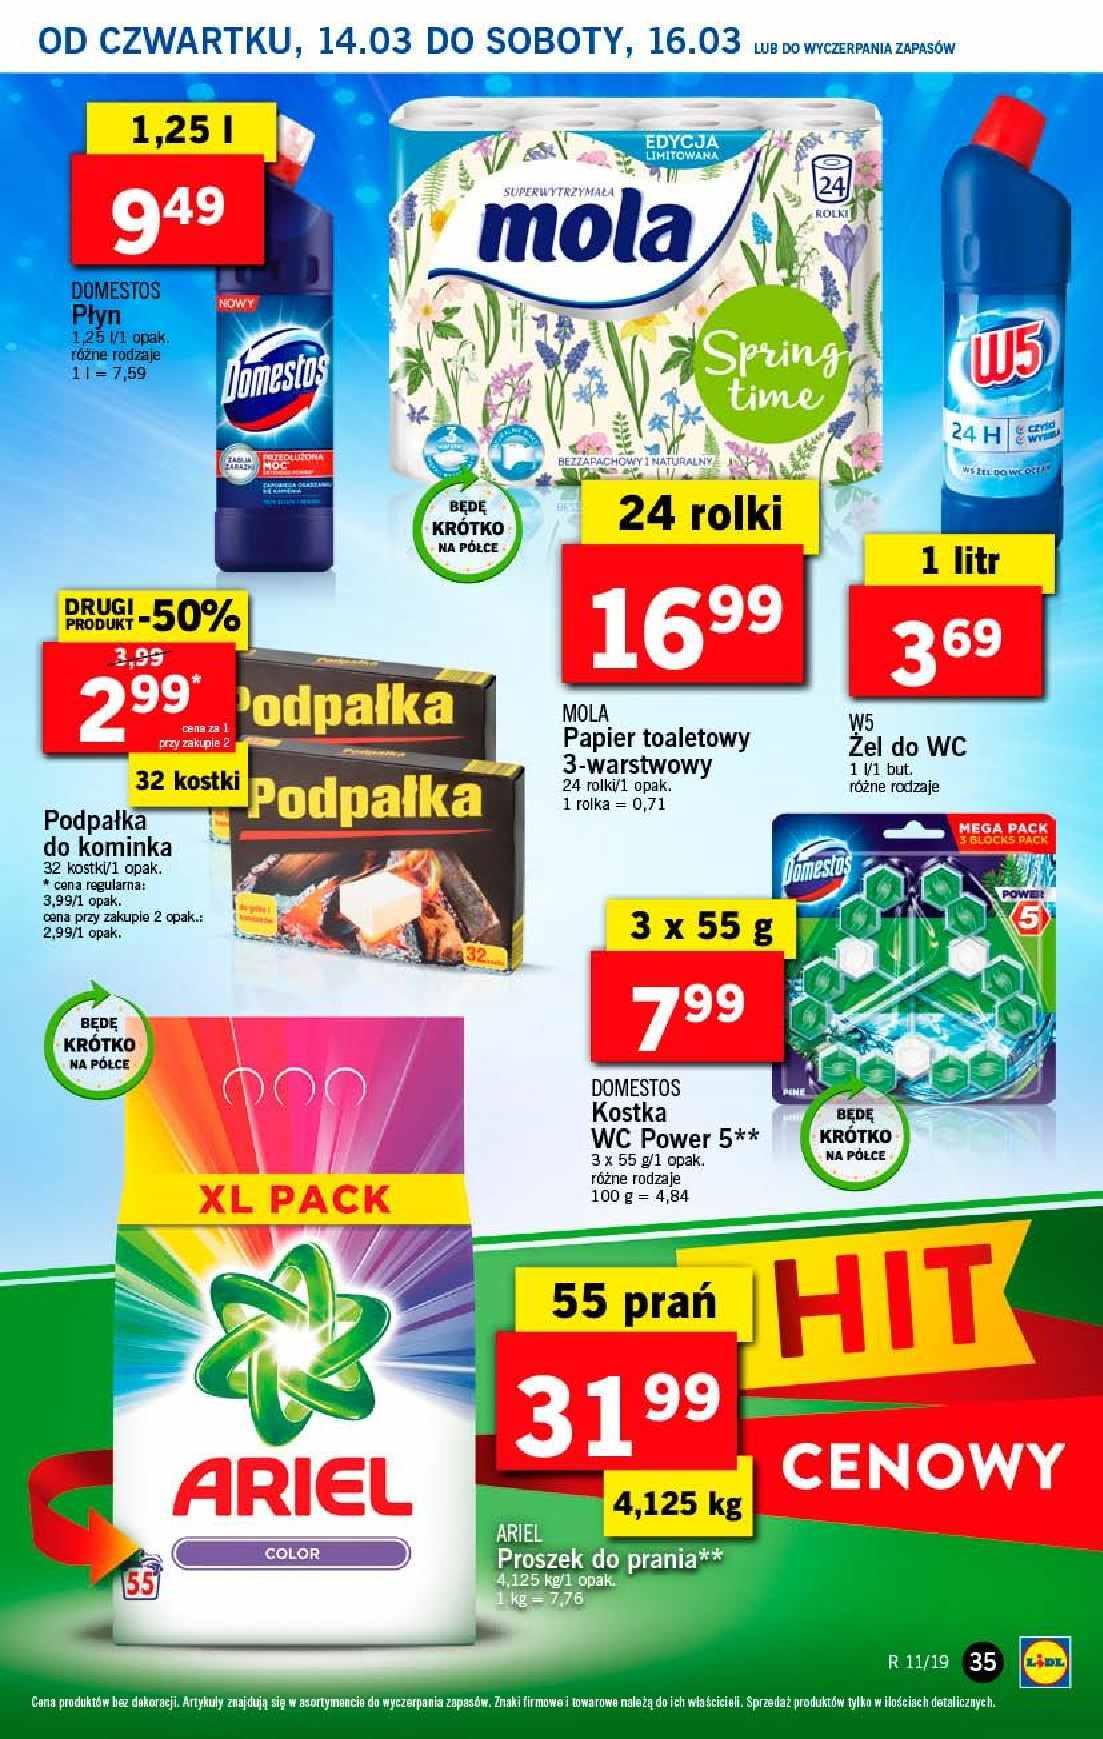 Gazetka promocyjna Lidl do 17/03/2019 str.35